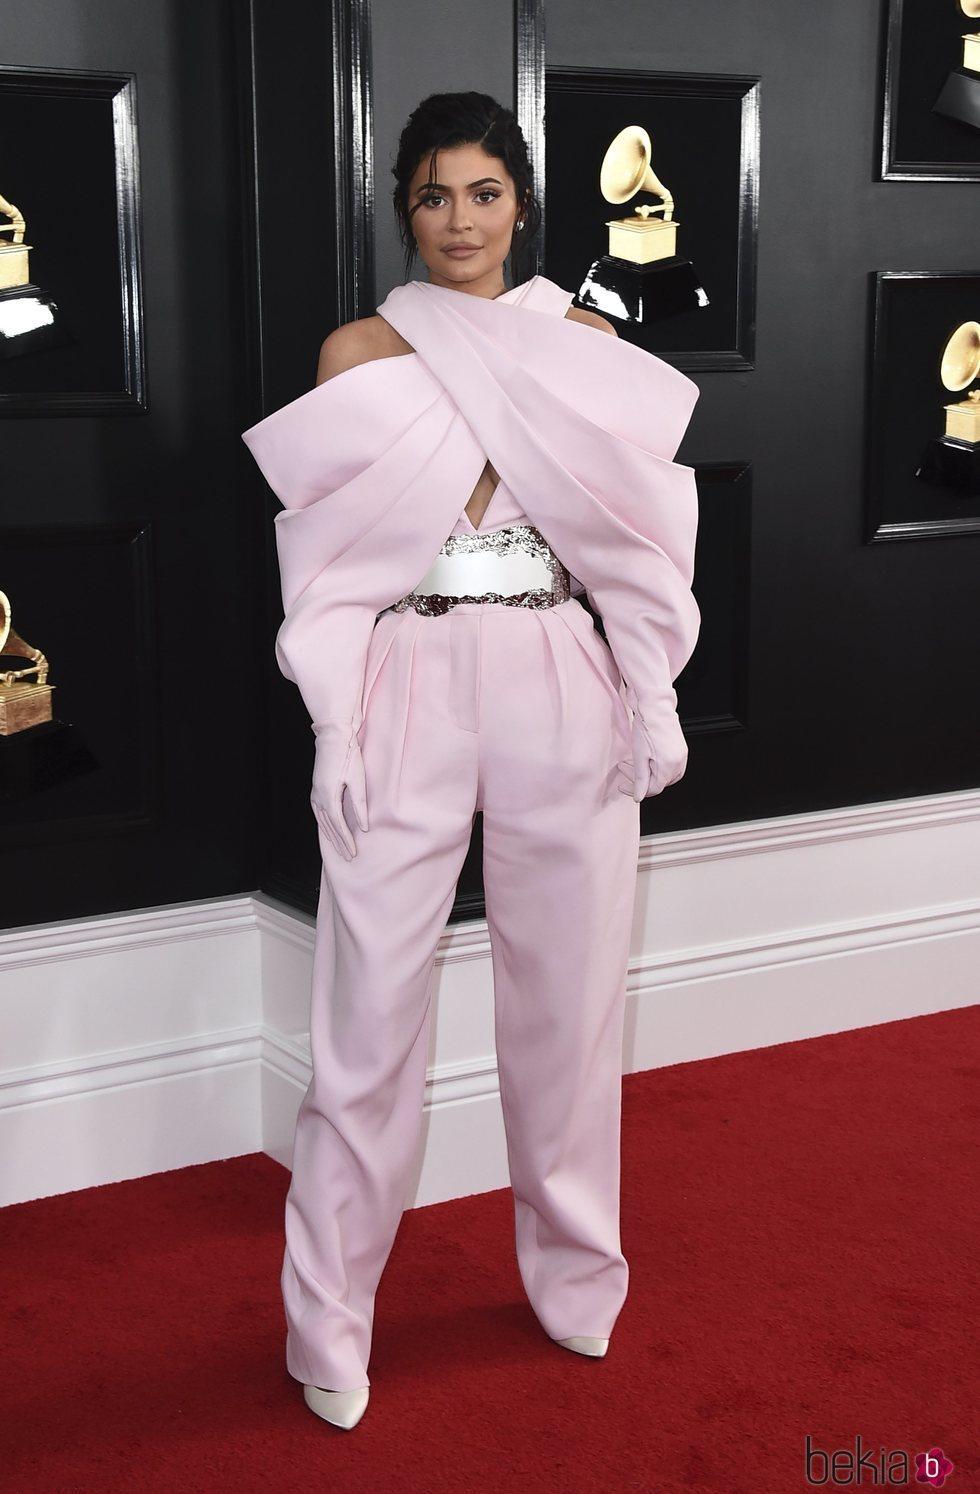 Kylie Jenner en la alfombra roja de los Grammy 2019